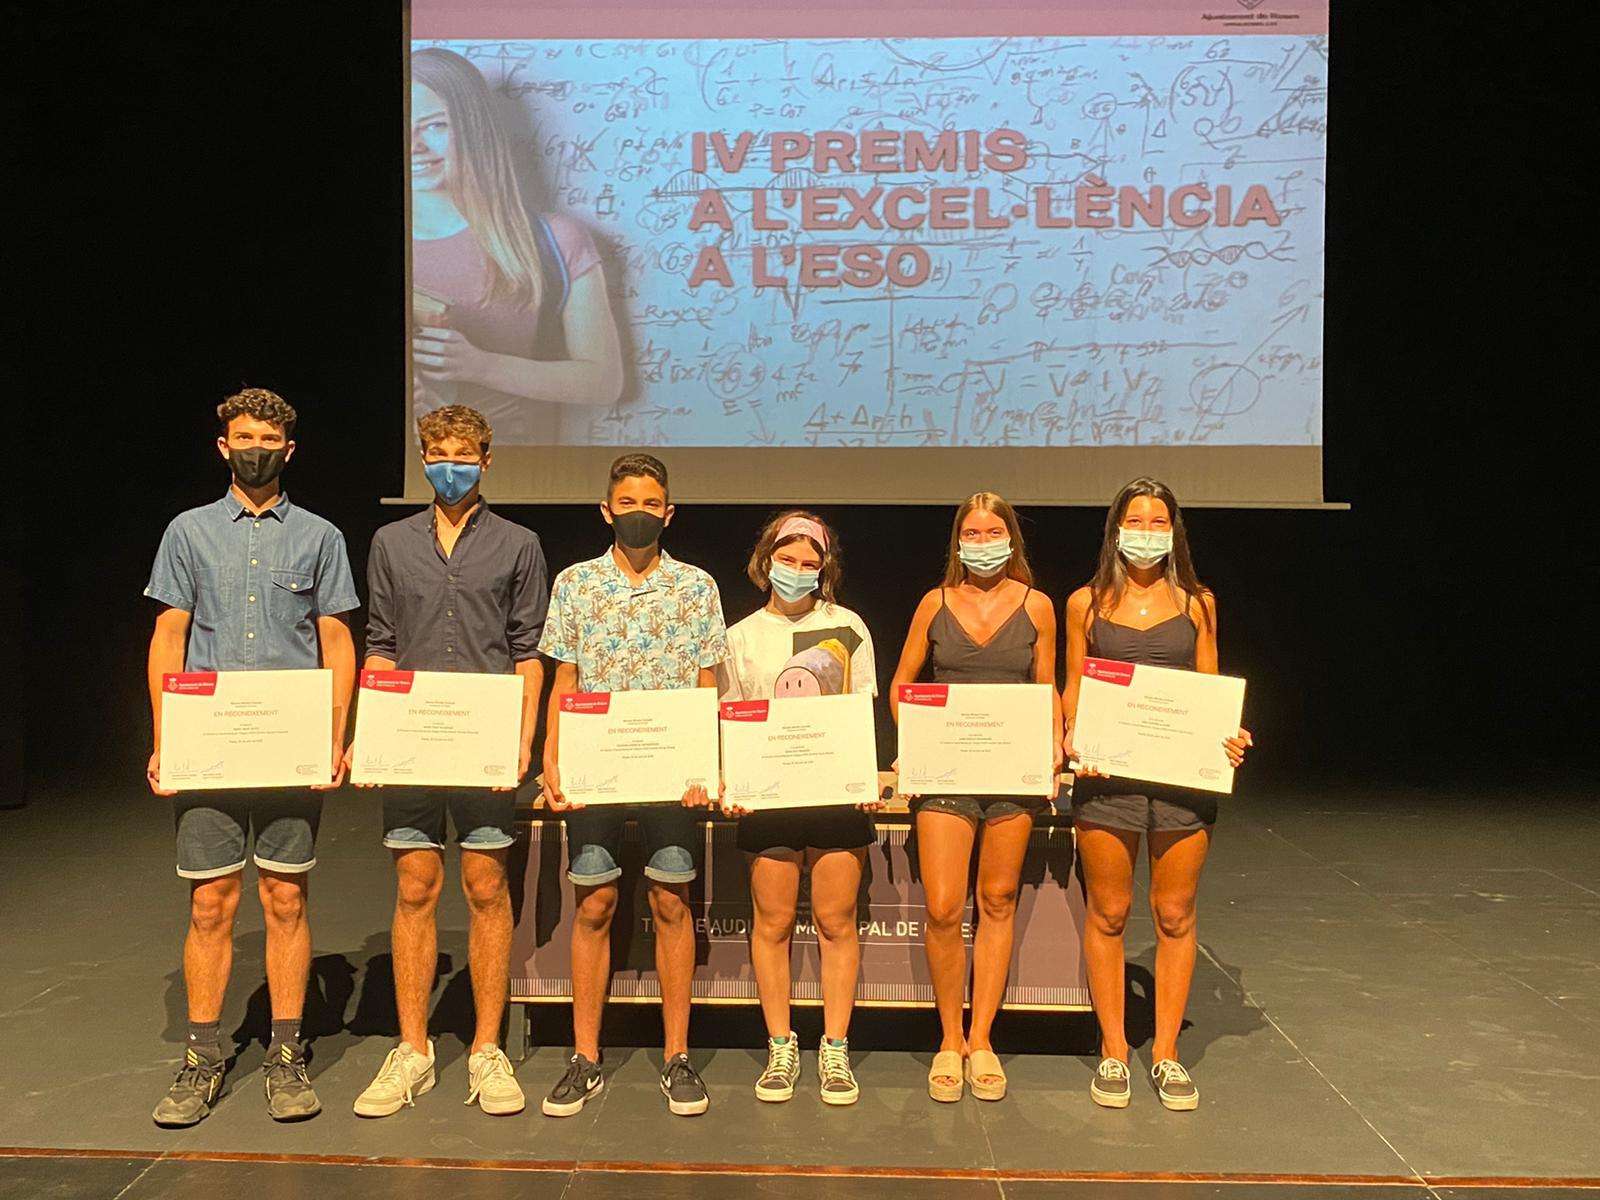 Roses lliura els premis a l'Excel·lència en ESO a sis alumnes de la població